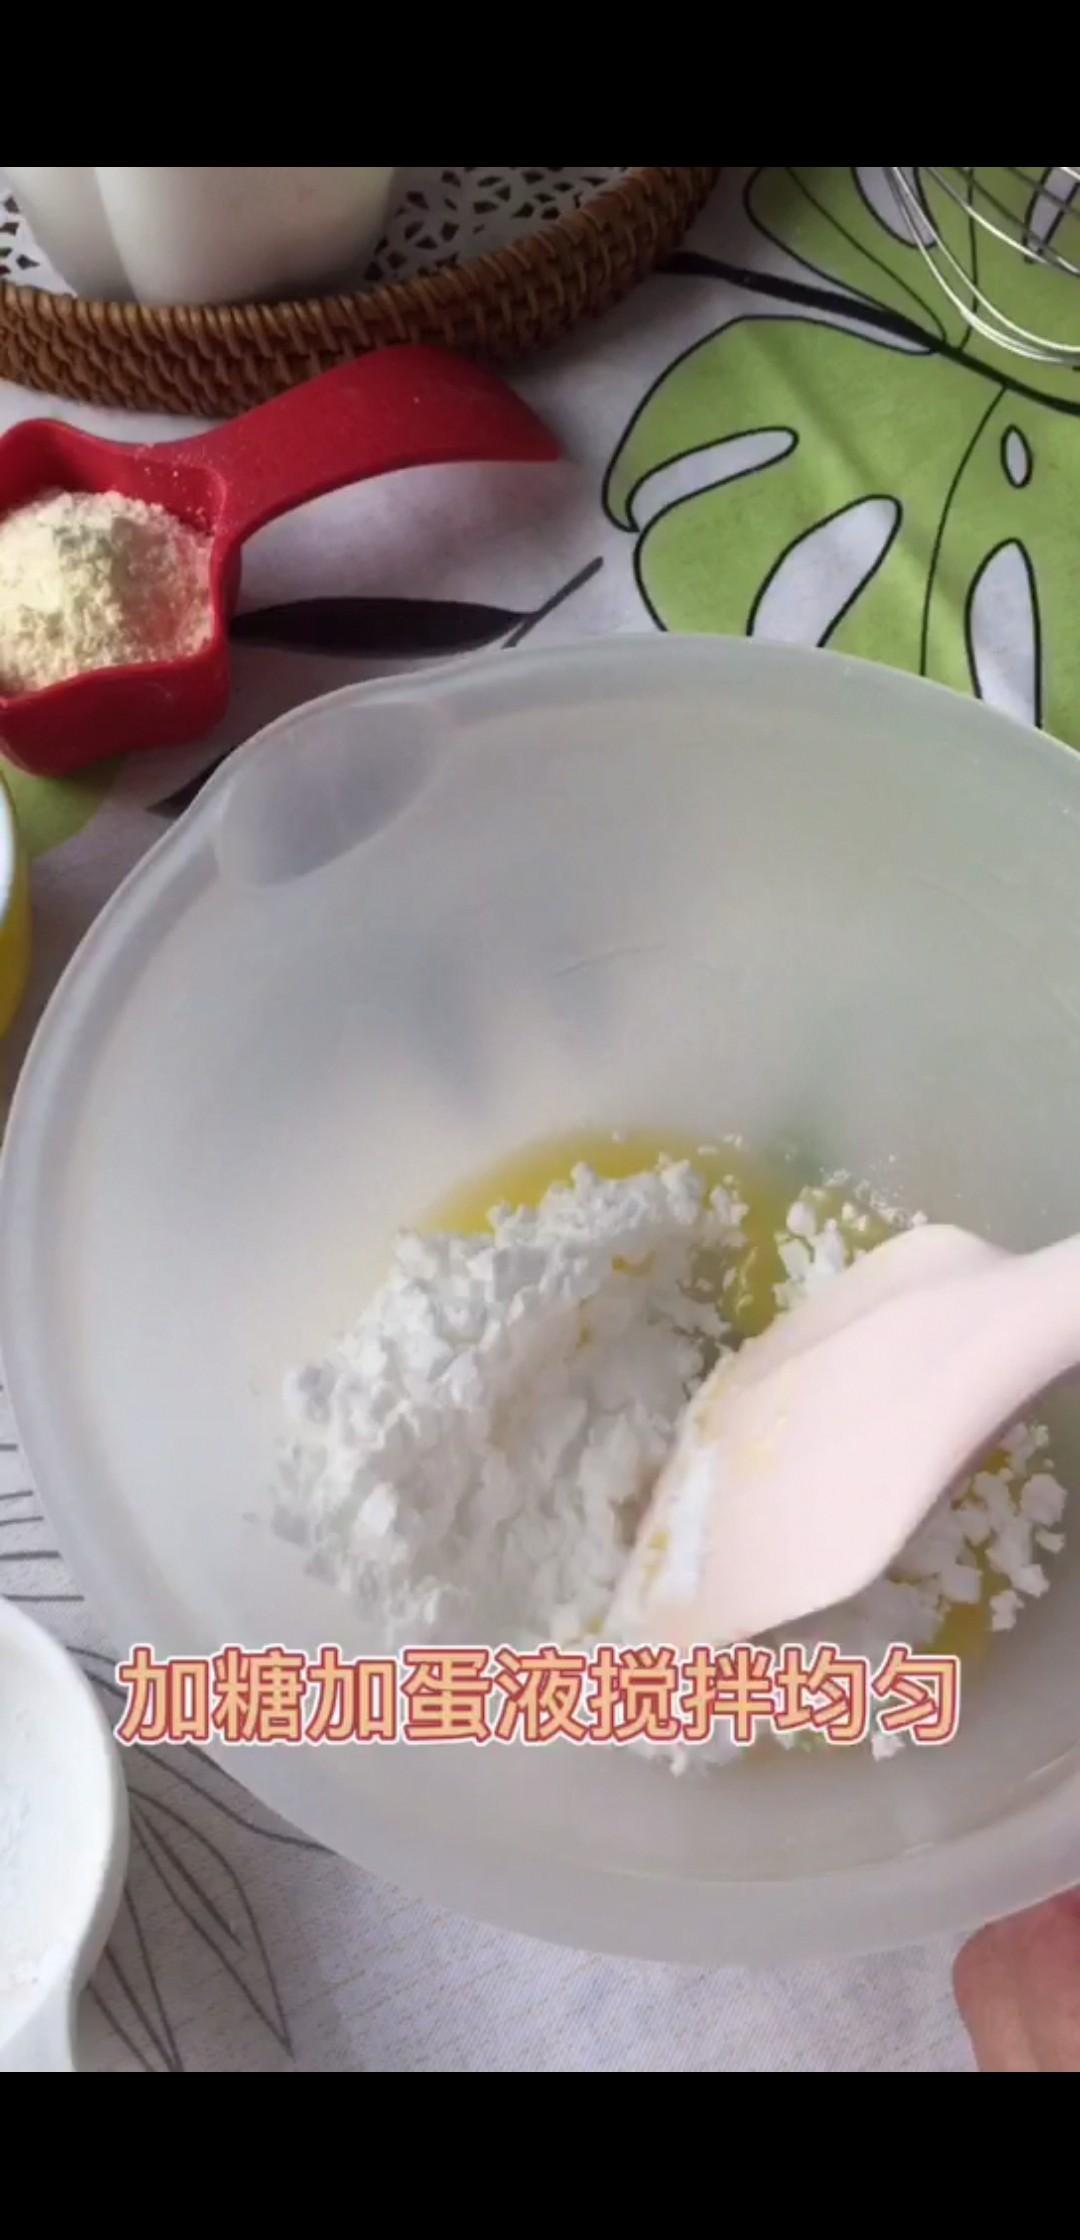 吃到停不下来!超浓郁杏仁蔓越莓酥饼的家常做法